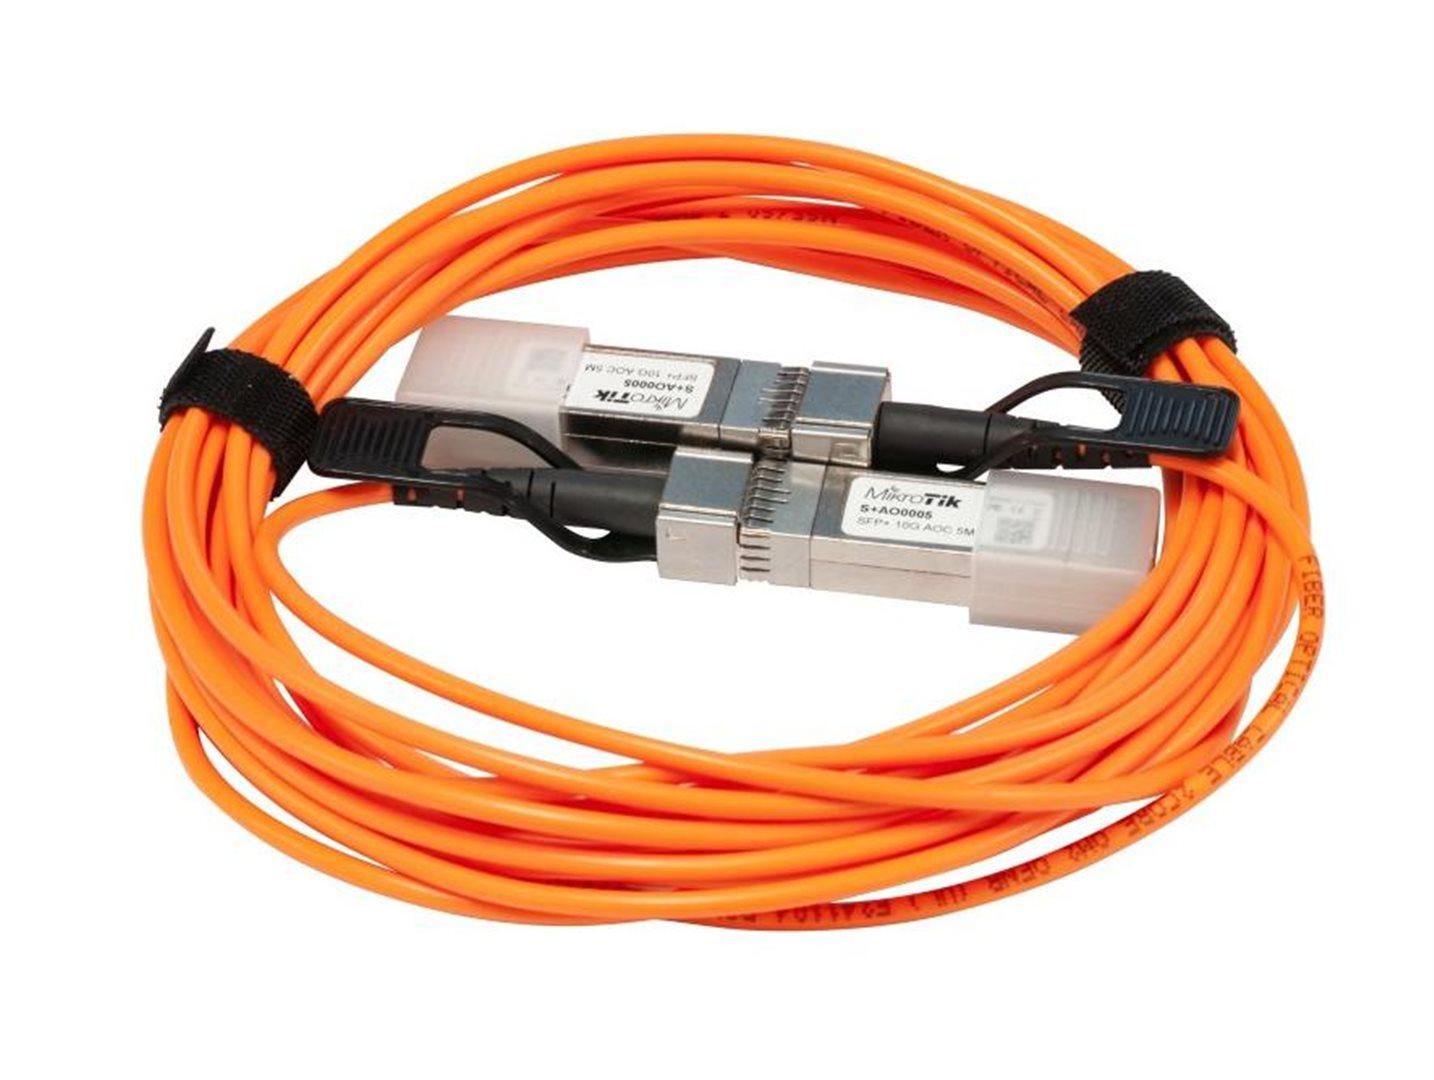 jak správně propojit propojovací kabely wot 9.7 dohazování